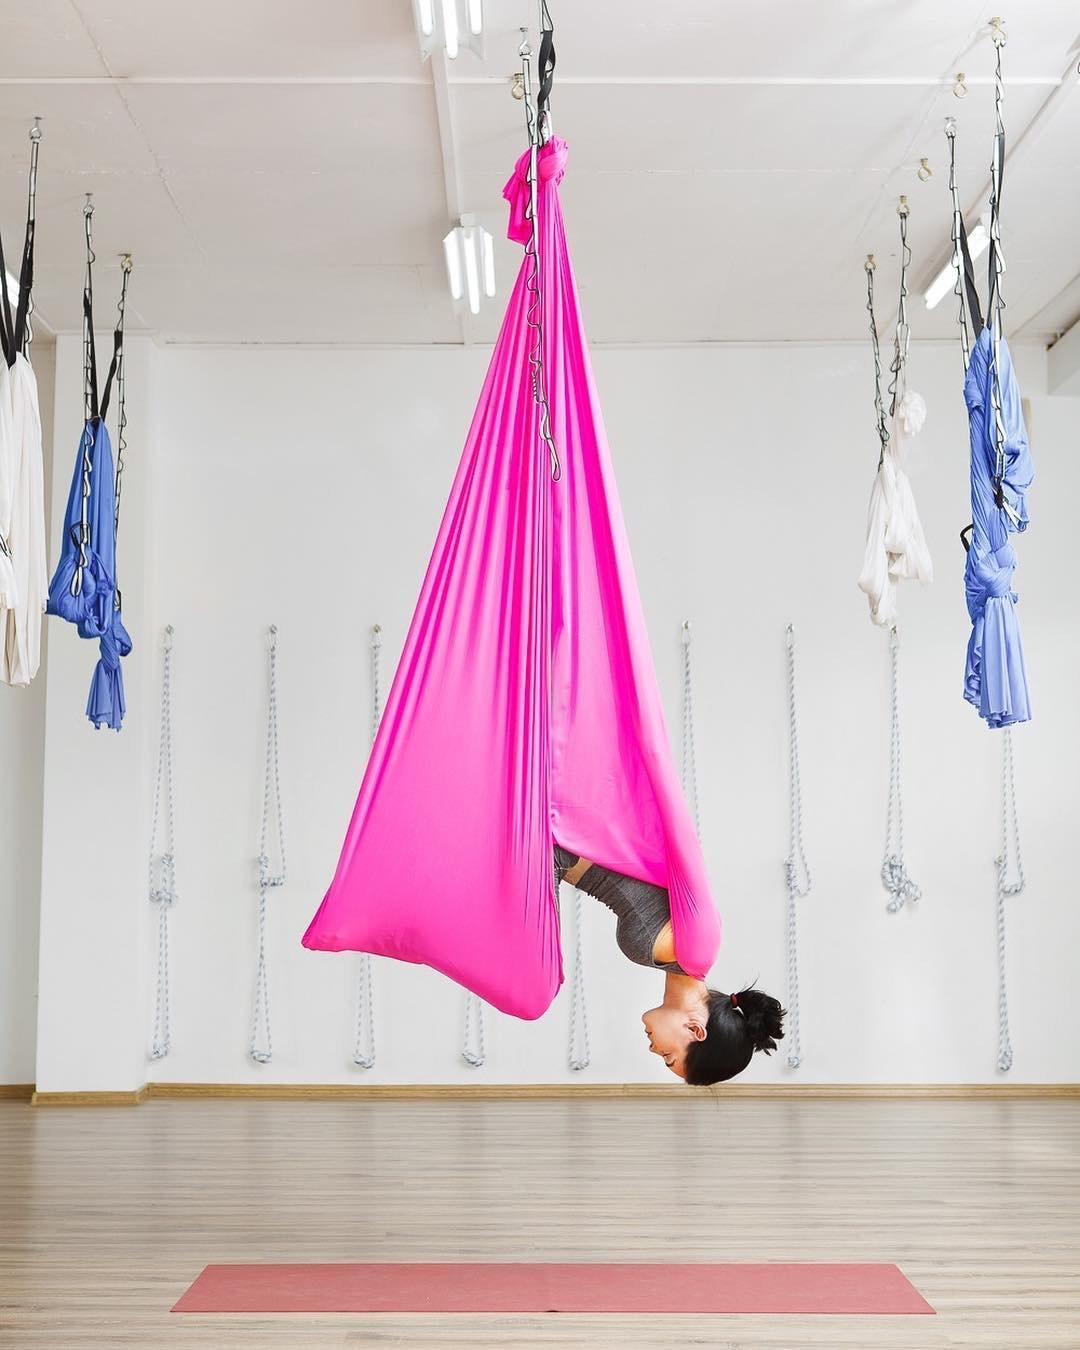 Premium Aerial Yoga hamaca 5,5 metros con Yoga accesorios y ...